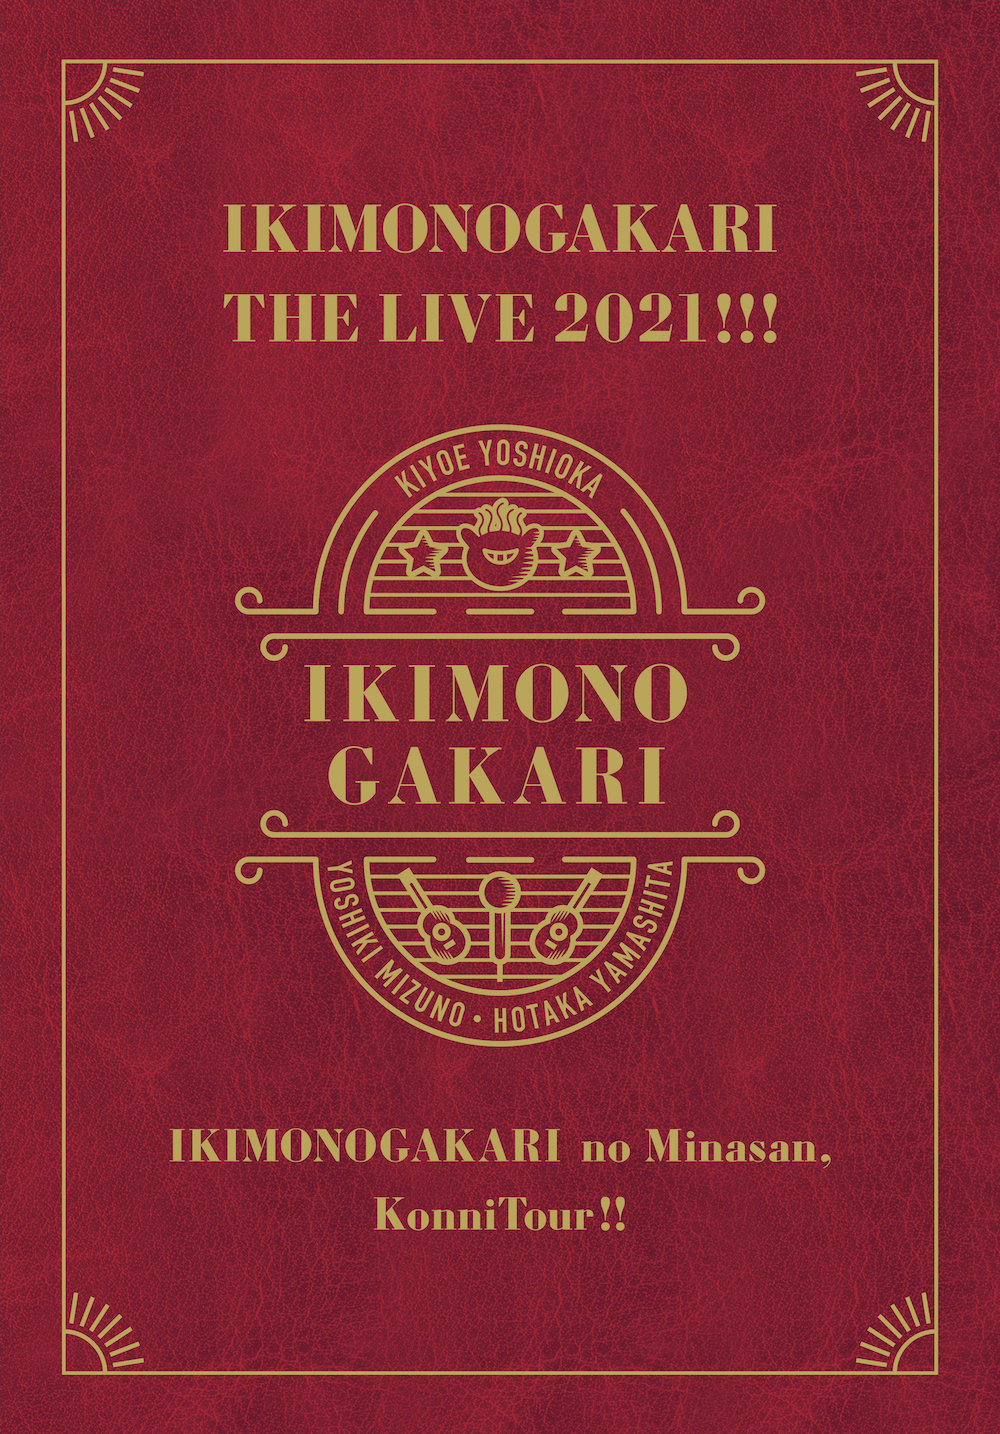 LIVE映像商品『いきものがかりの みなさん、こんにつあー!! THE LIVE 2021!!!』グラデュエイション!!!盤